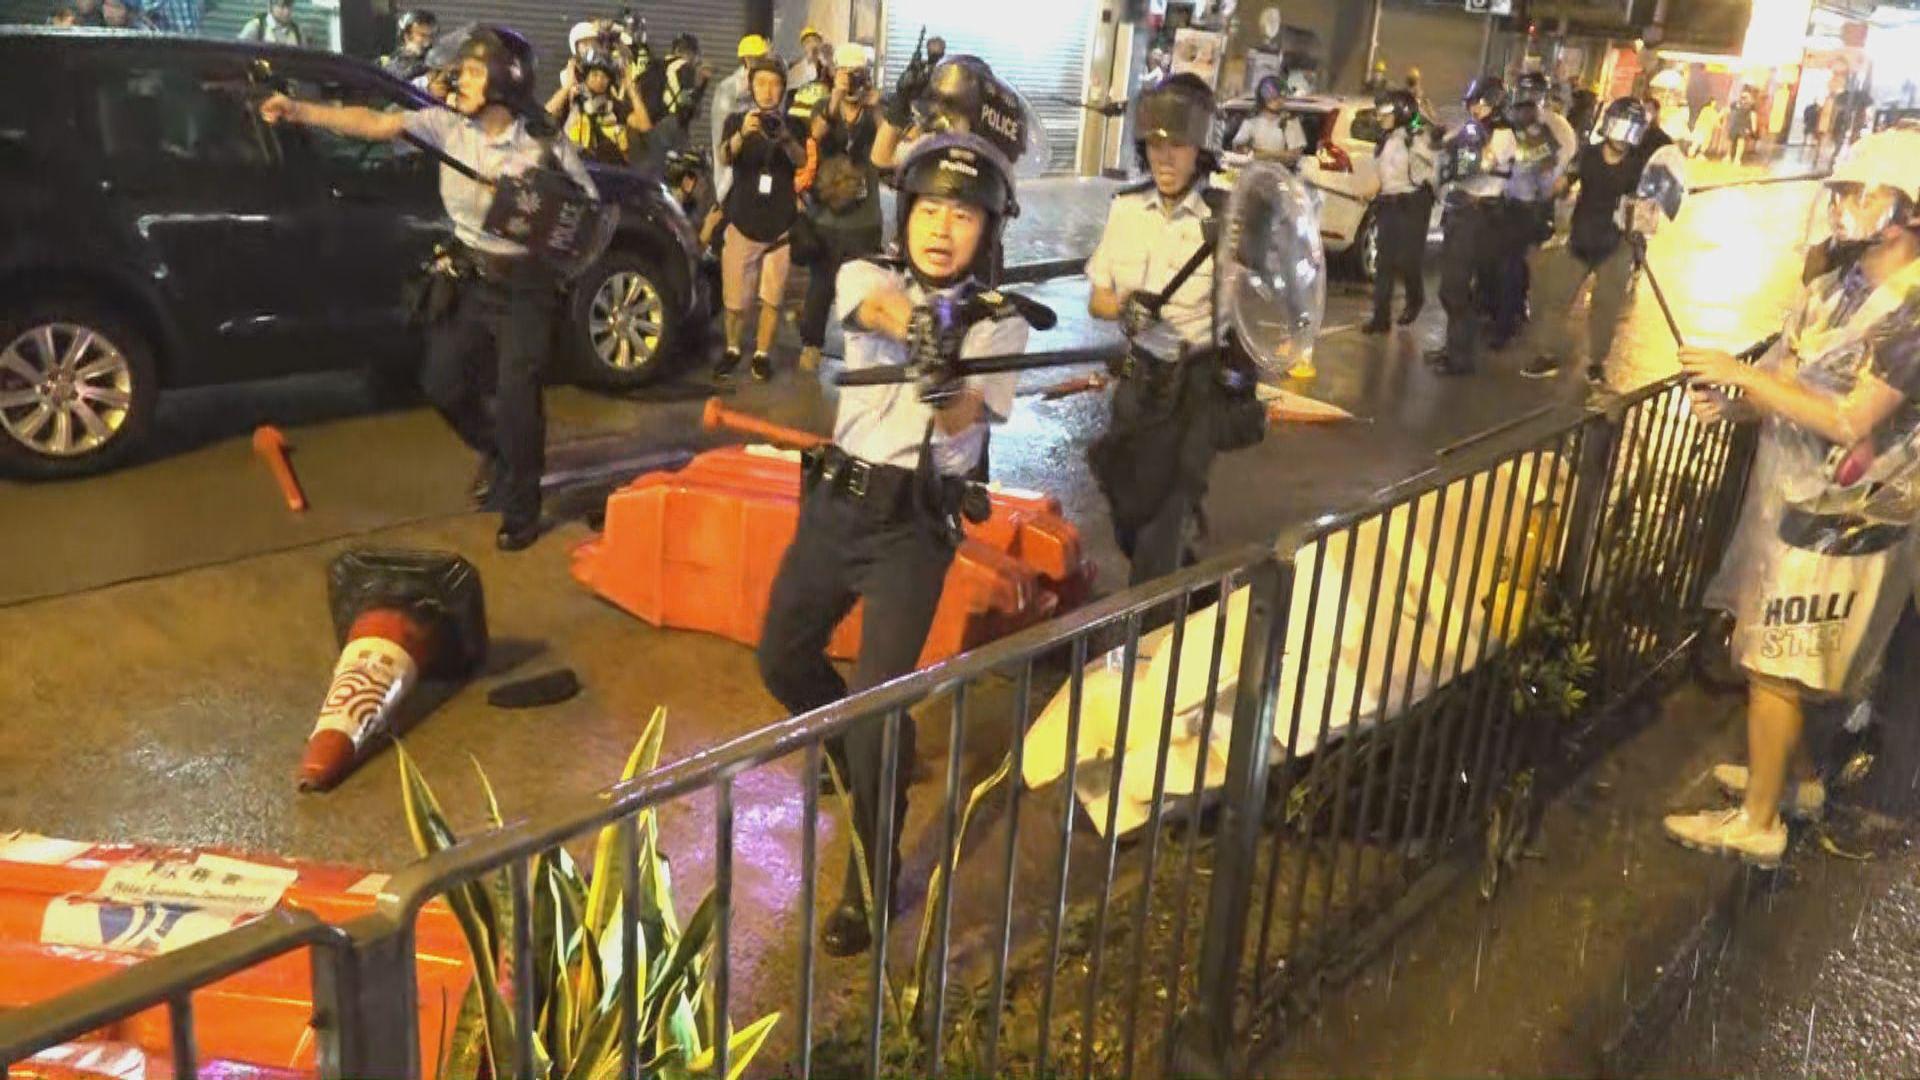 荃葵青遊行演變成警民衝突 警方曾開槍示警